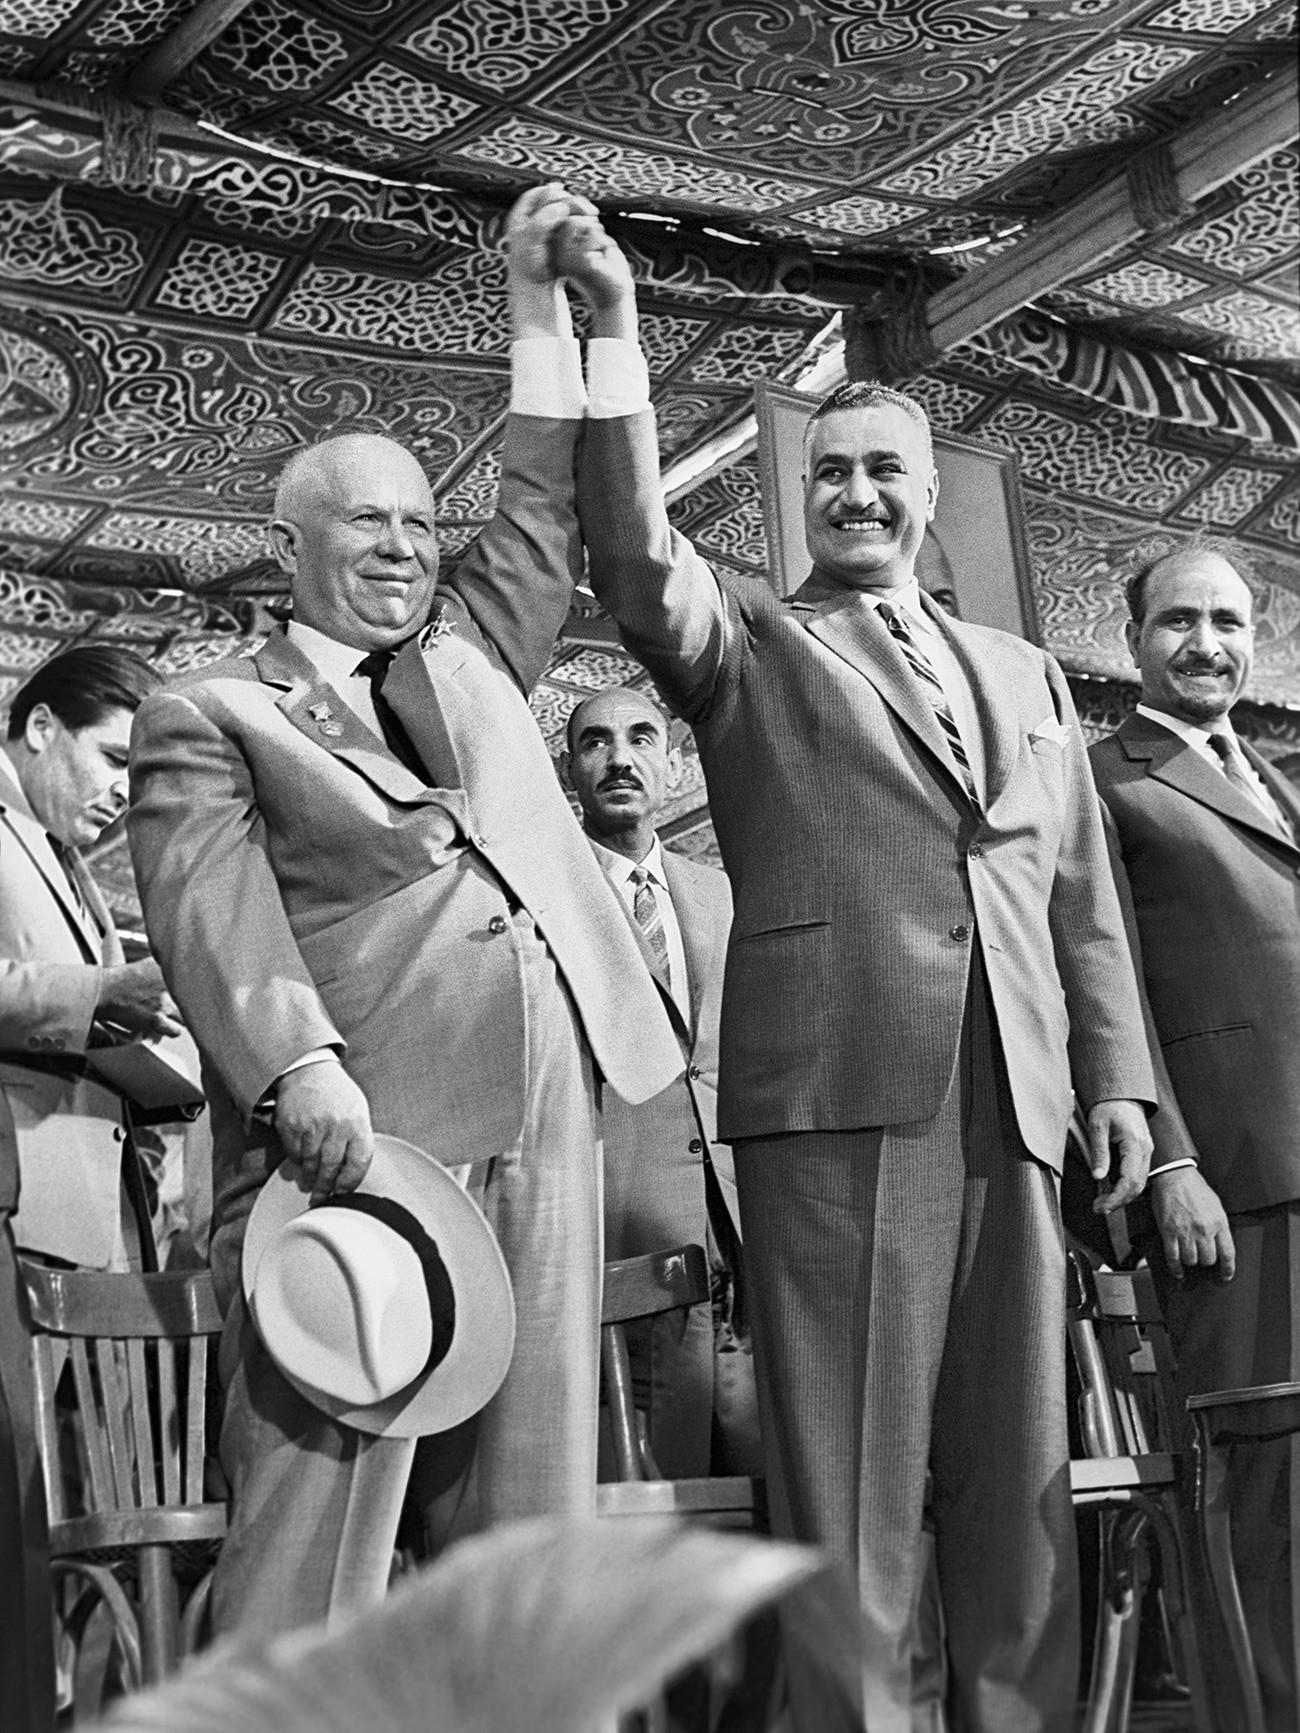 Egiptovski voditelj Gamal Abdel Nasser je kot prvi afriški državnik vzpostavil prijateljske odnose s ZSSR